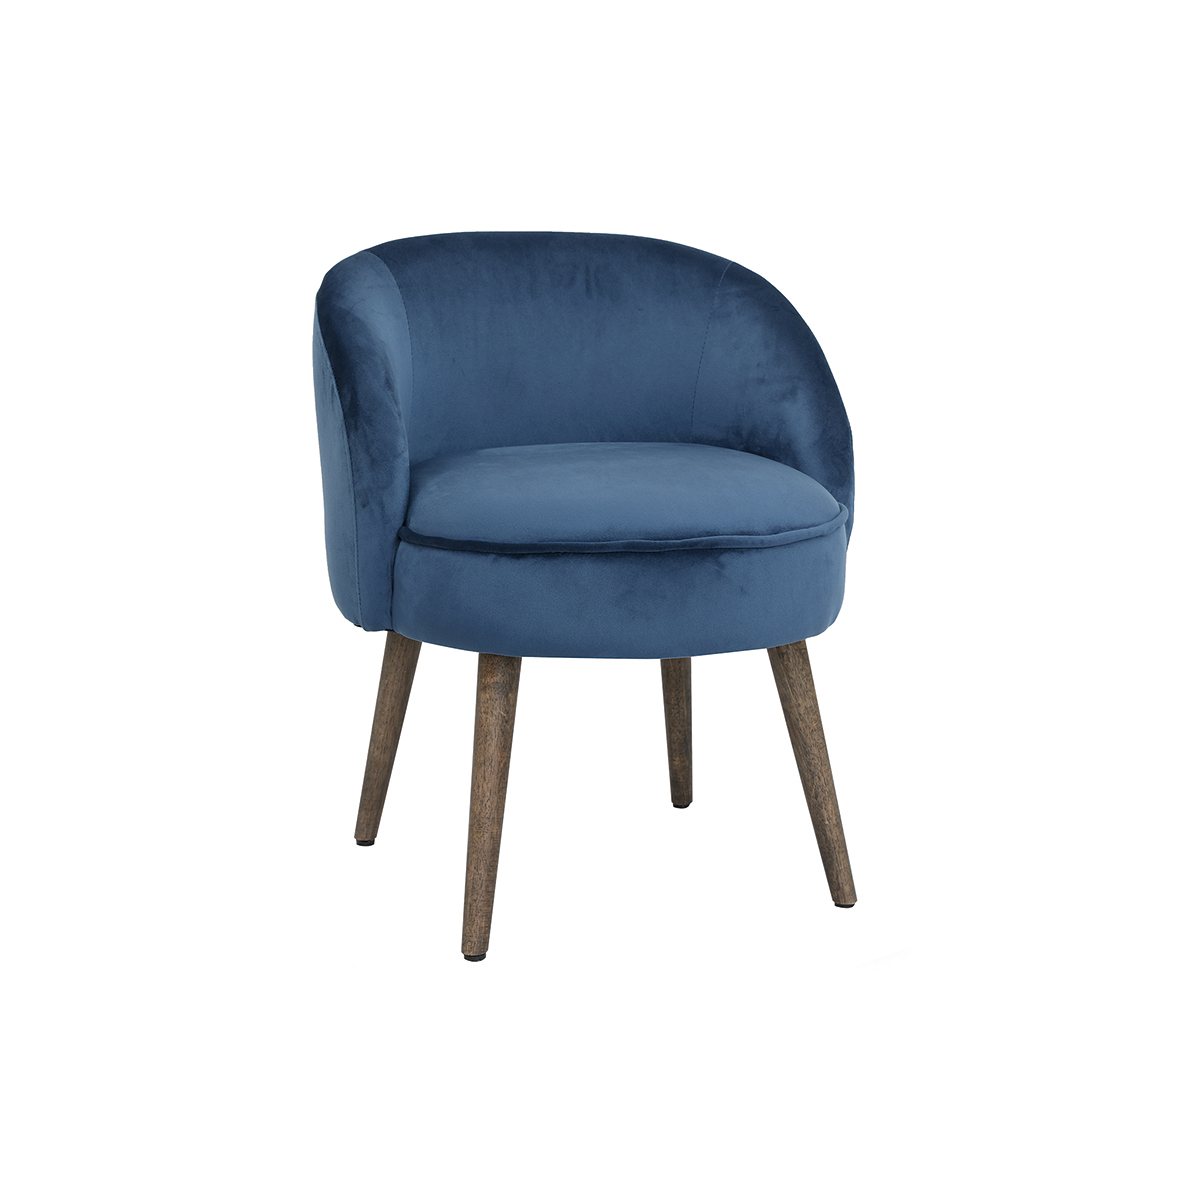 Poltrona design in velluto blu e piedi legno UTA